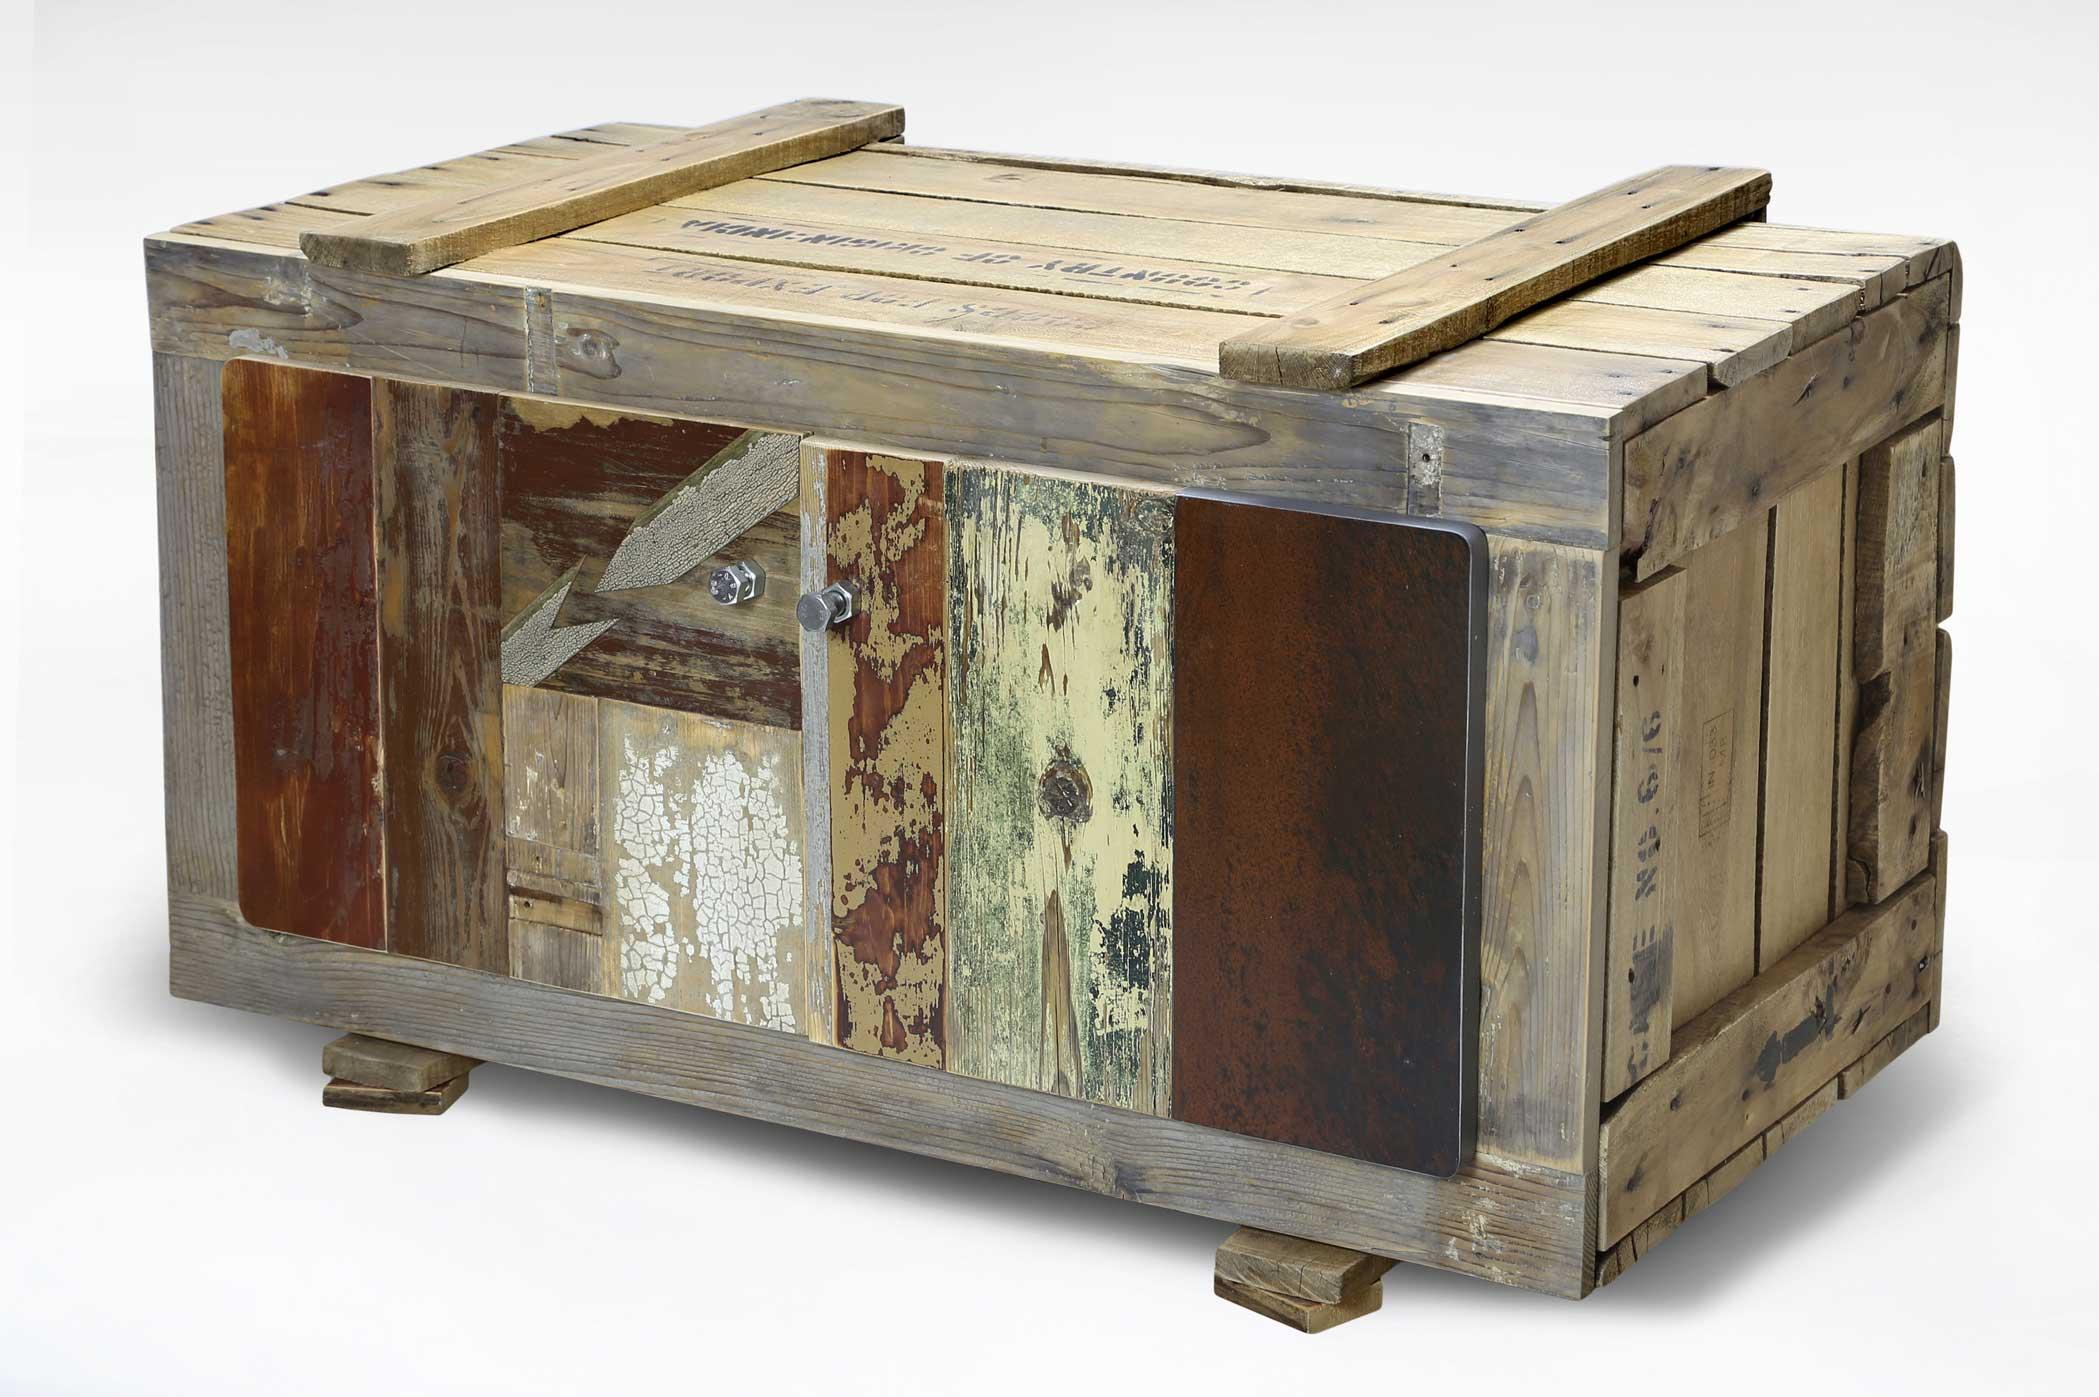 Cassapanca rettangolare con apertura superiore totalmente fatta con pezzi di legno riciclato. Il mobile ricorda una cassa per l'imballaggio.